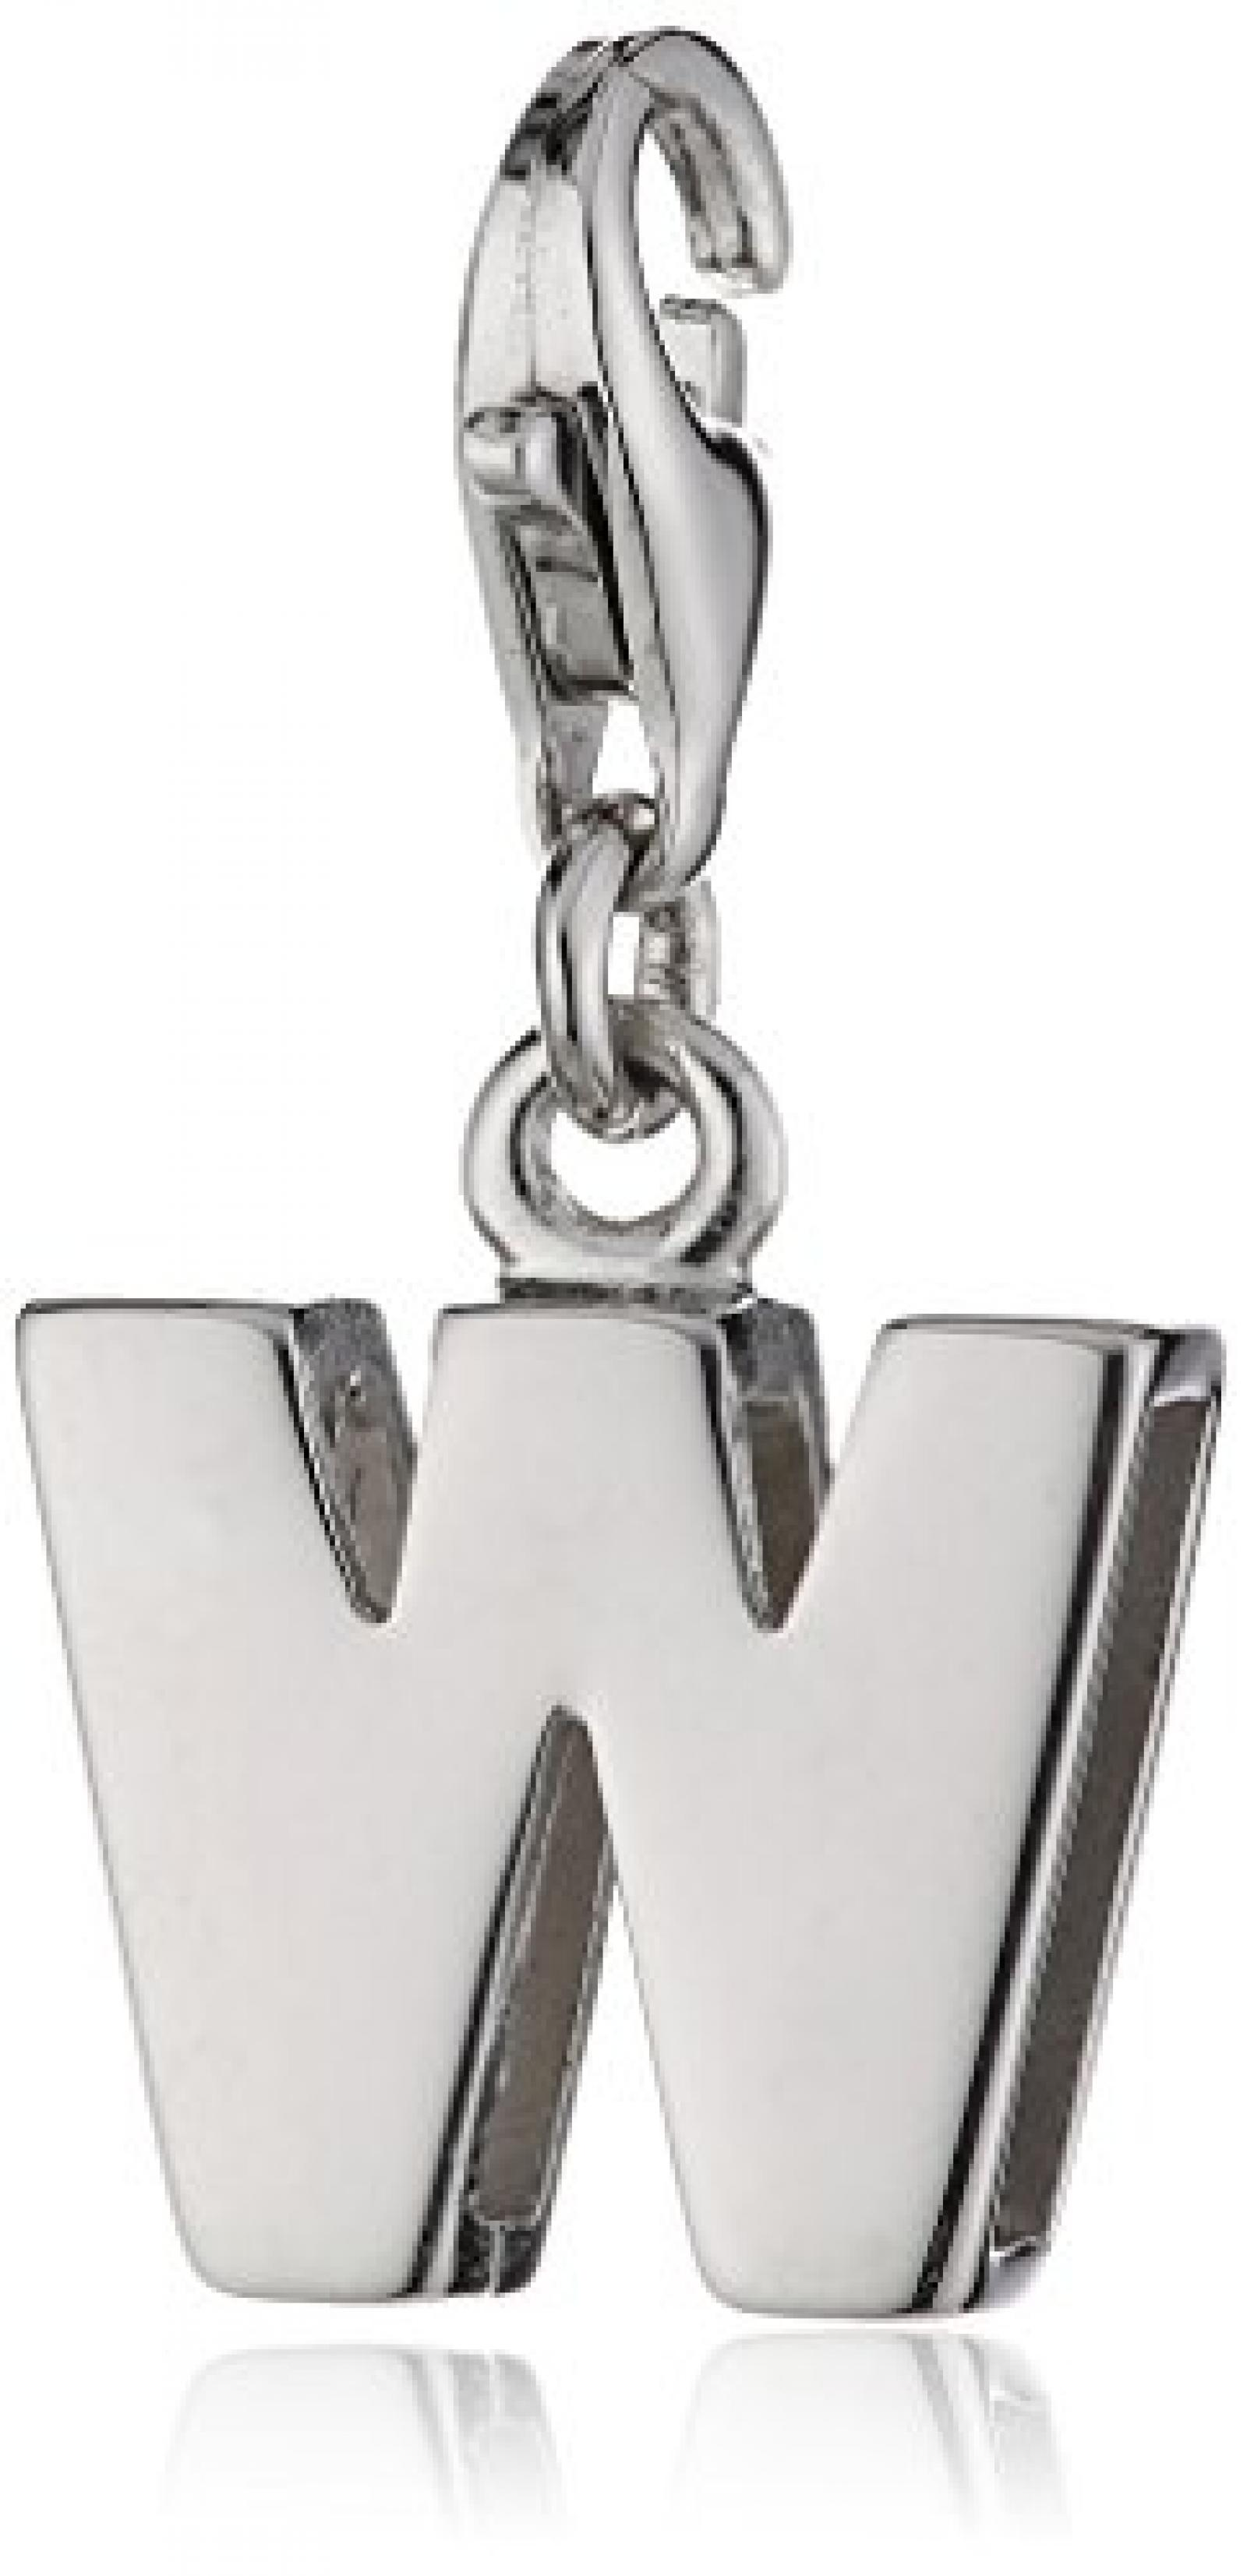 Amor Buchstabe W-Charm  925 Sterlingsilber 20 mm 274425